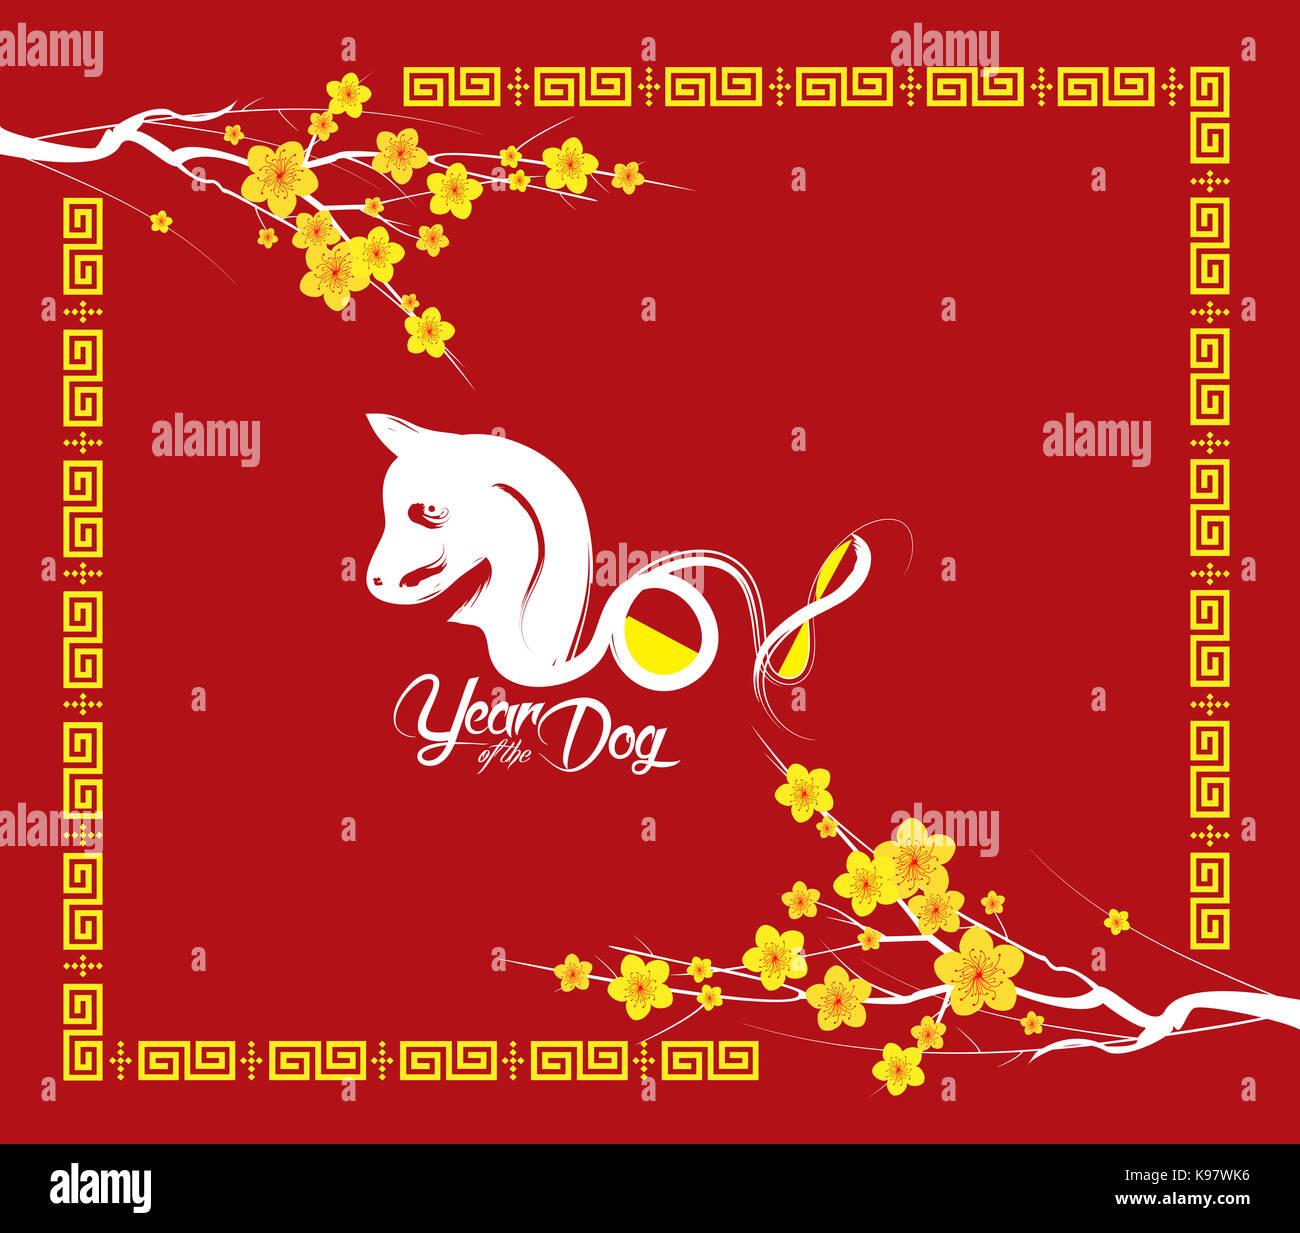 Orientalische Happy Chinese New Year 2018. Jahr des Hundes Stockfoto ...